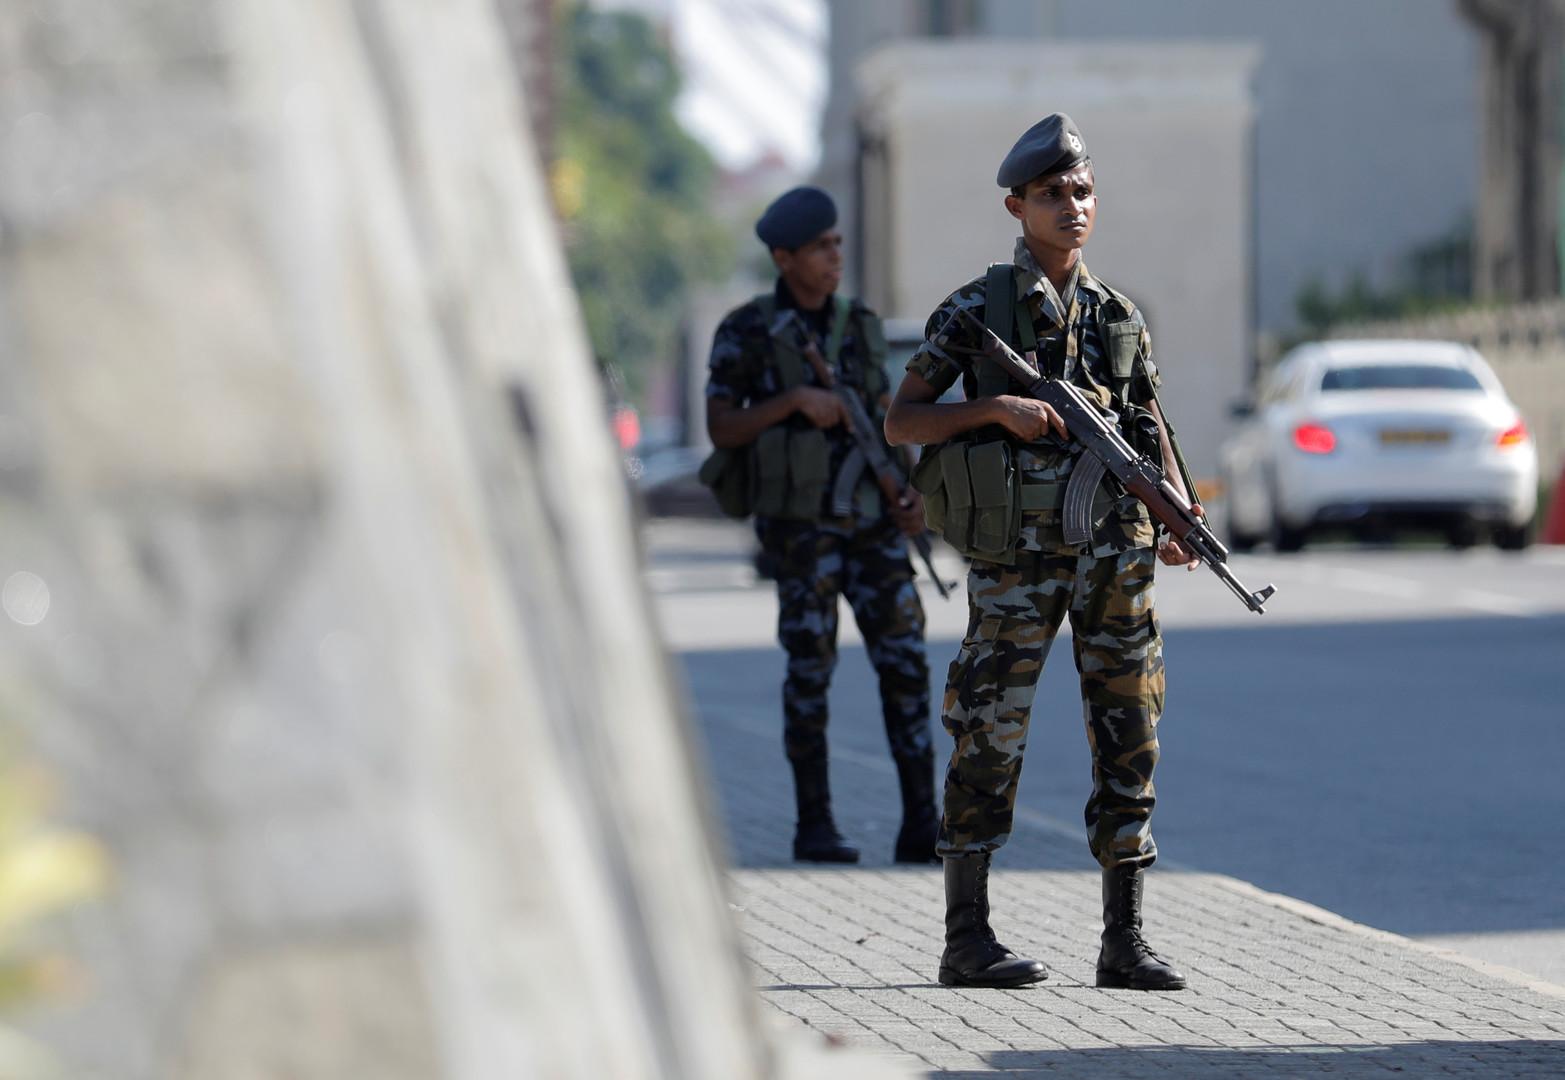 شرطة سريلانكا تحدد هوية أحد الانتحاريين في انفجارات الأحد